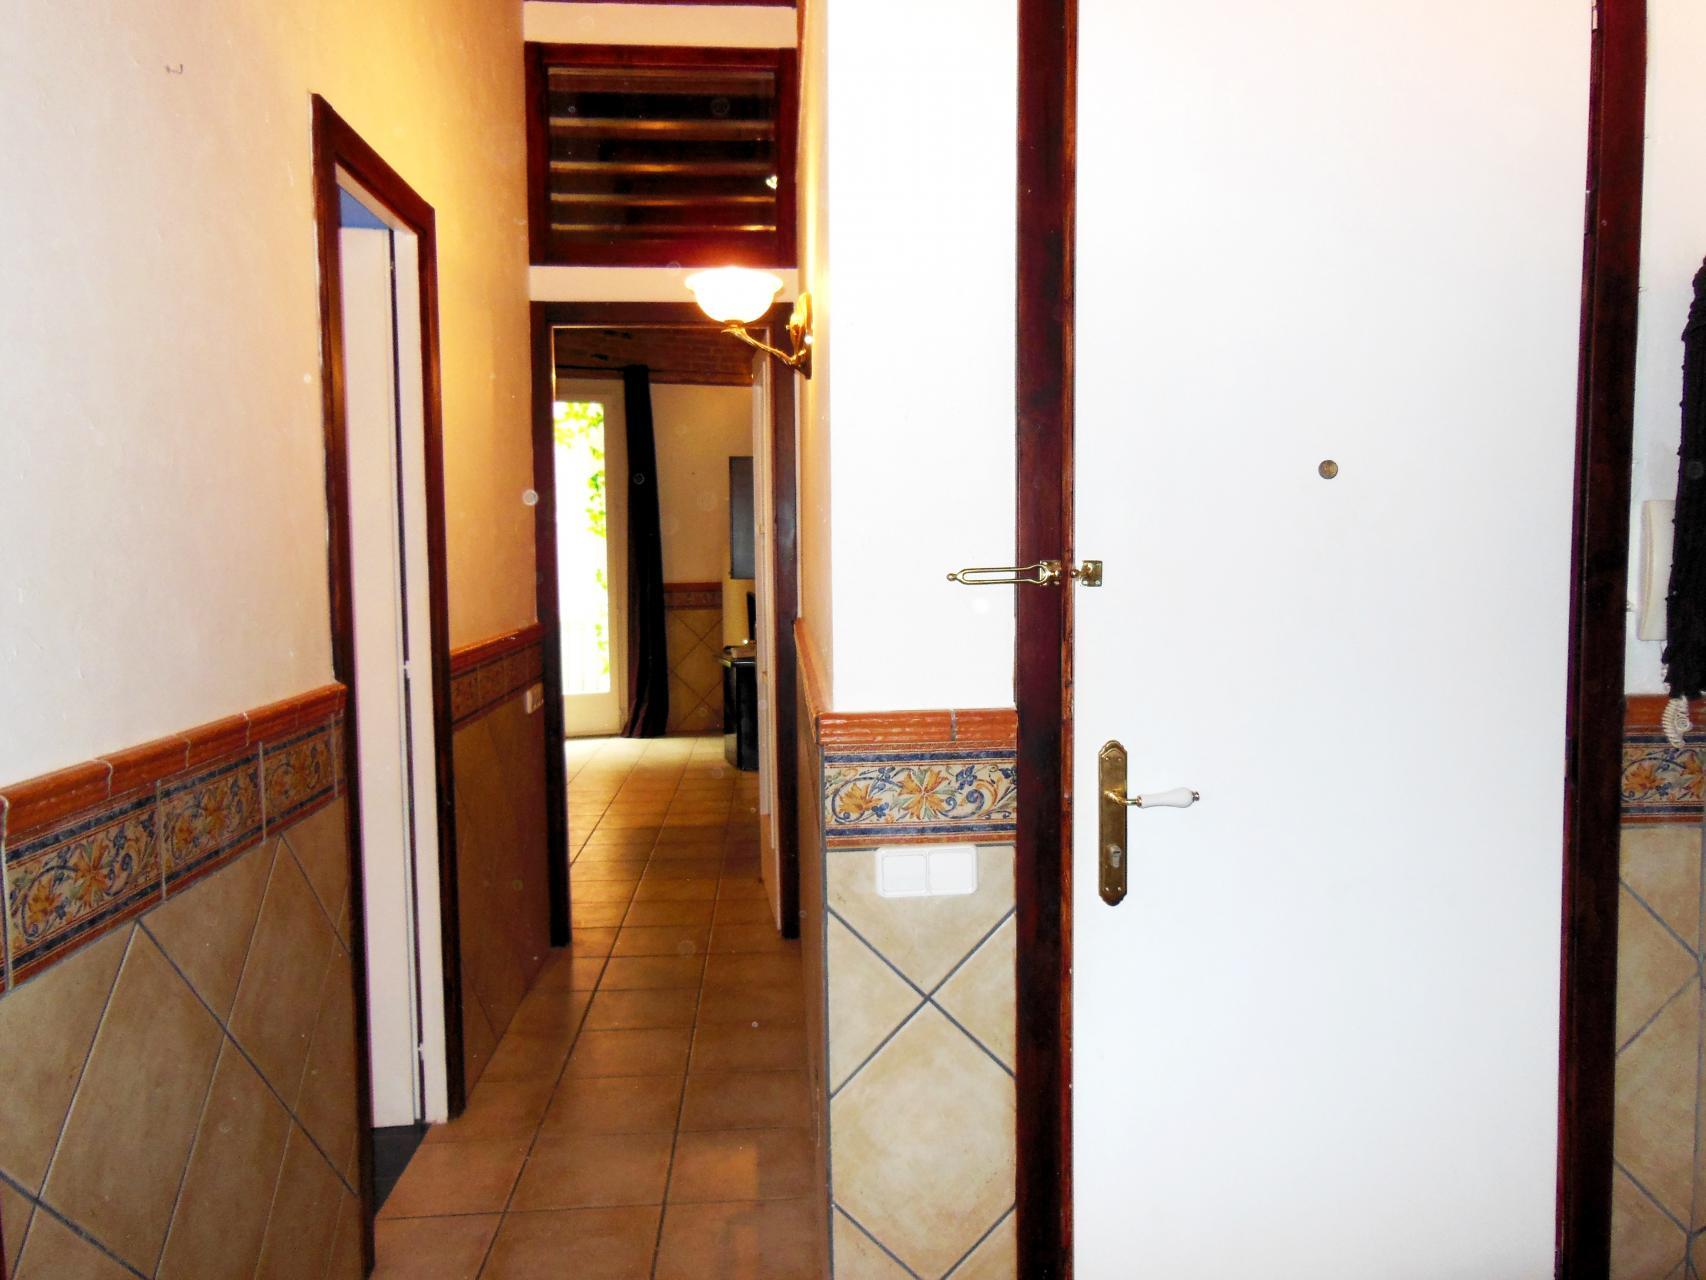 Appartement Meubl En Location Longue Dur E